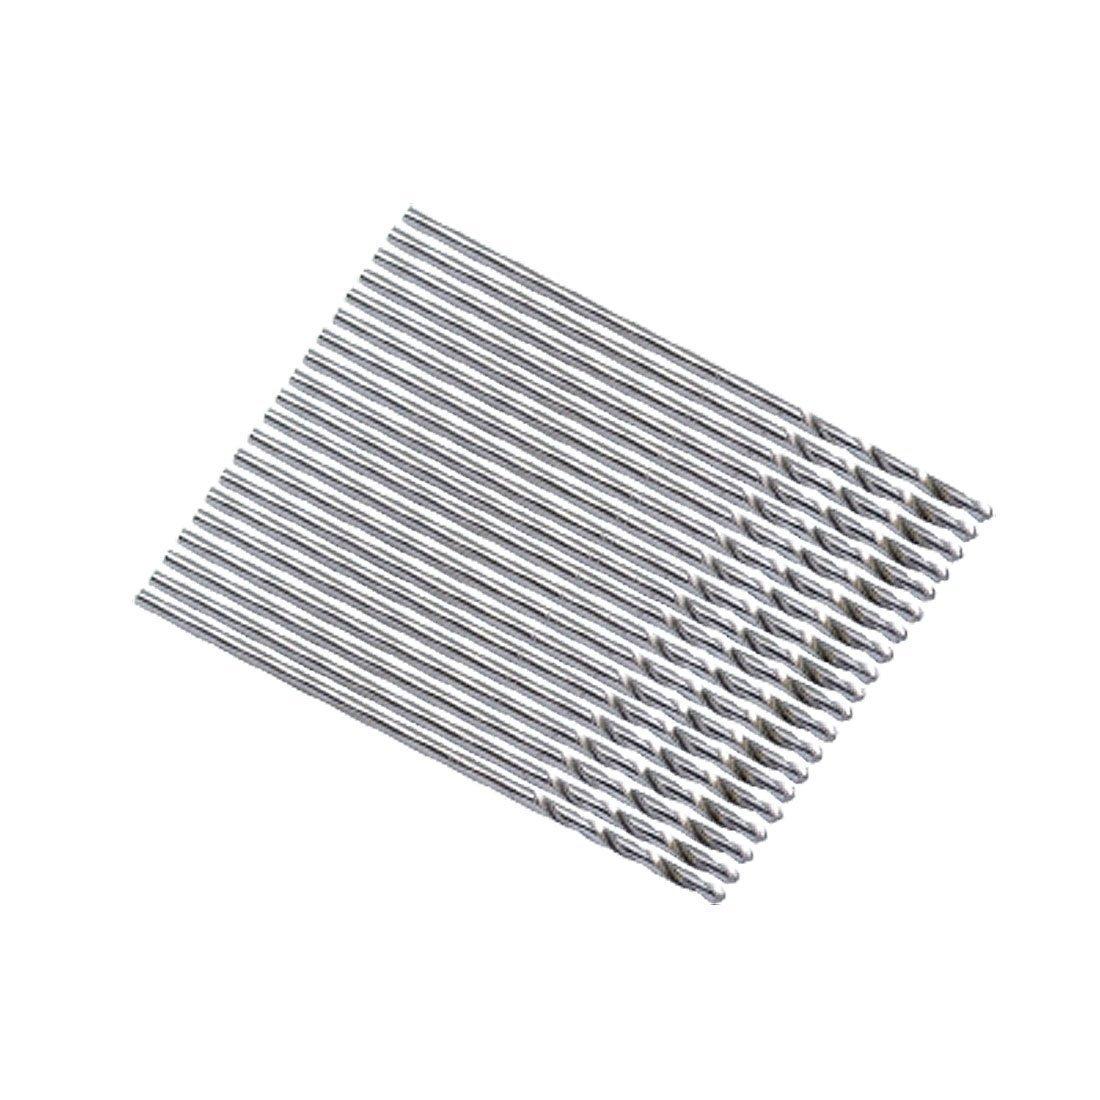 Straight Shank Twisted Drill Bit - TOOGOO(R) 20 Pieces Metal Straight Shank 0.8mm Twisted Drill Bit